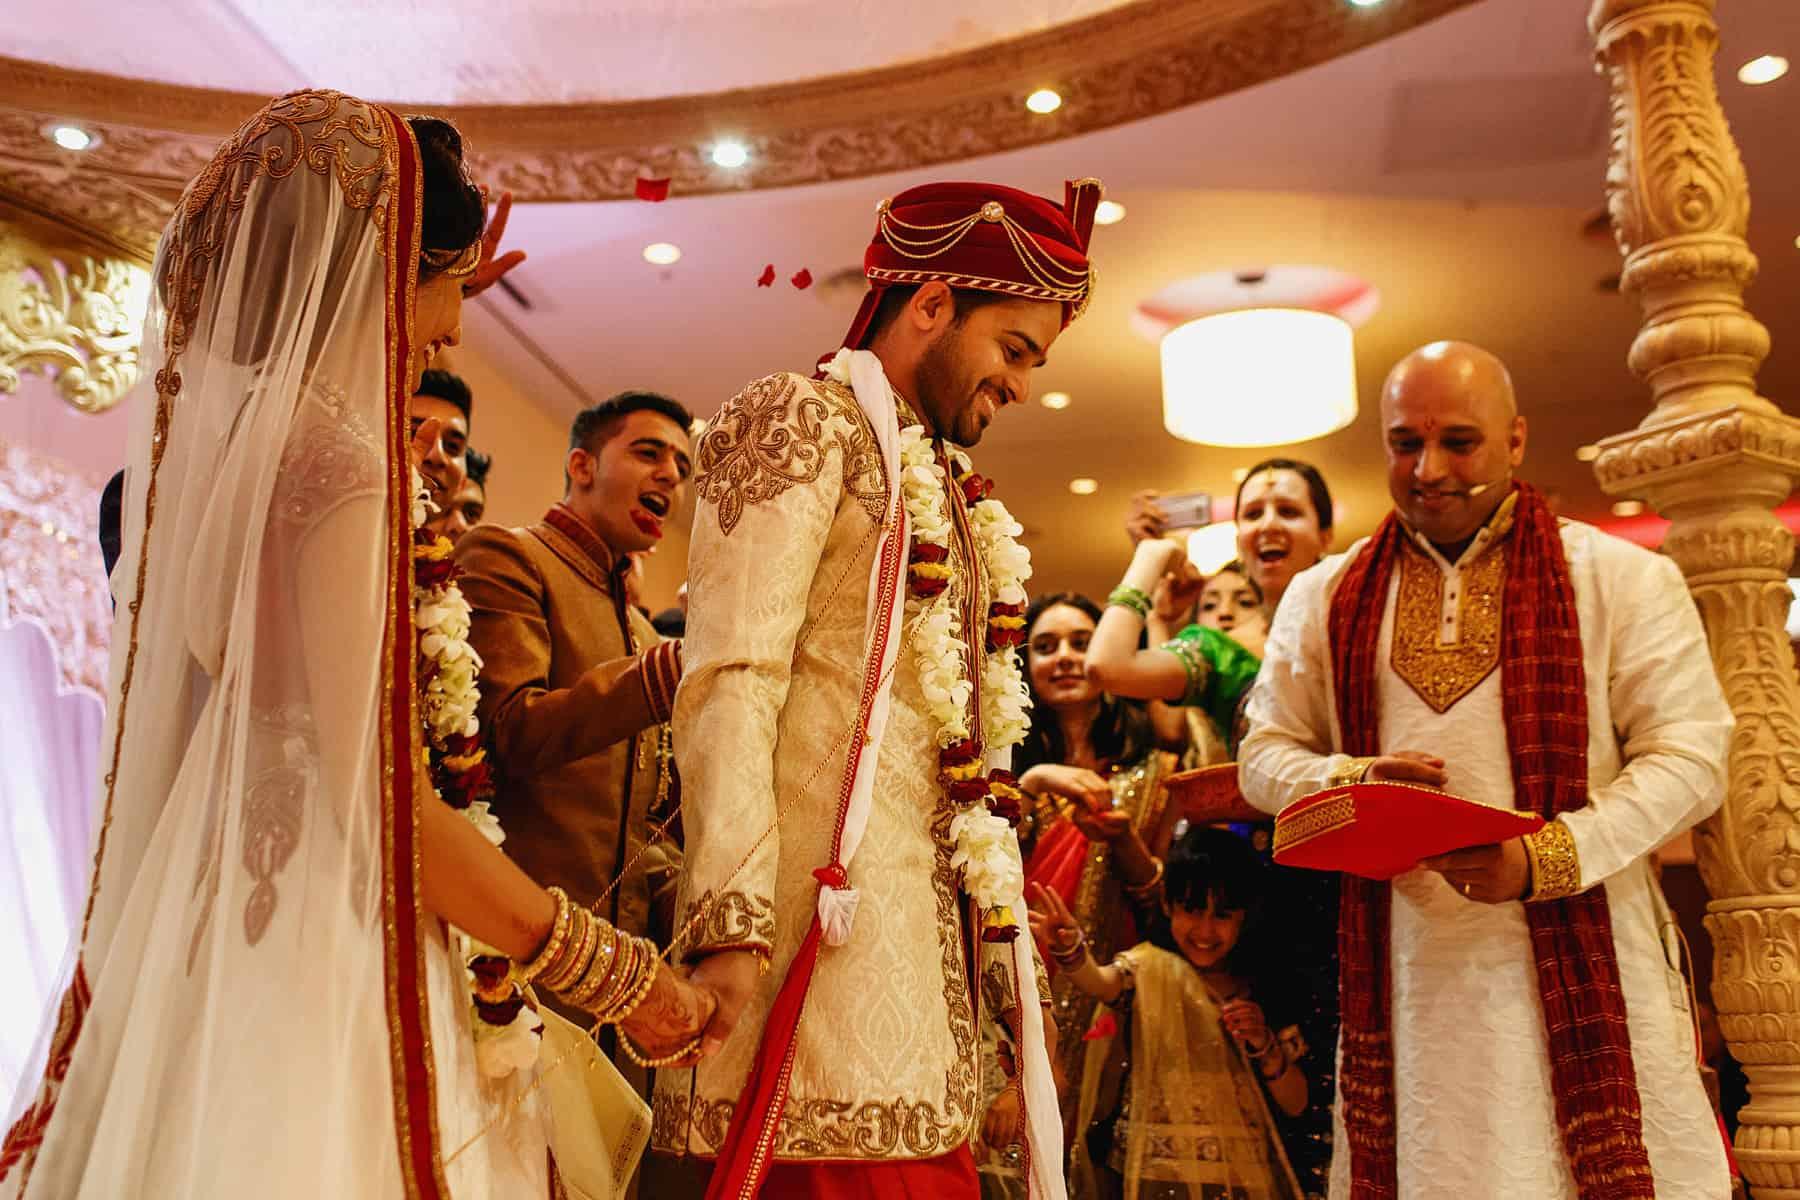 hilton t5 hindu wedding reception